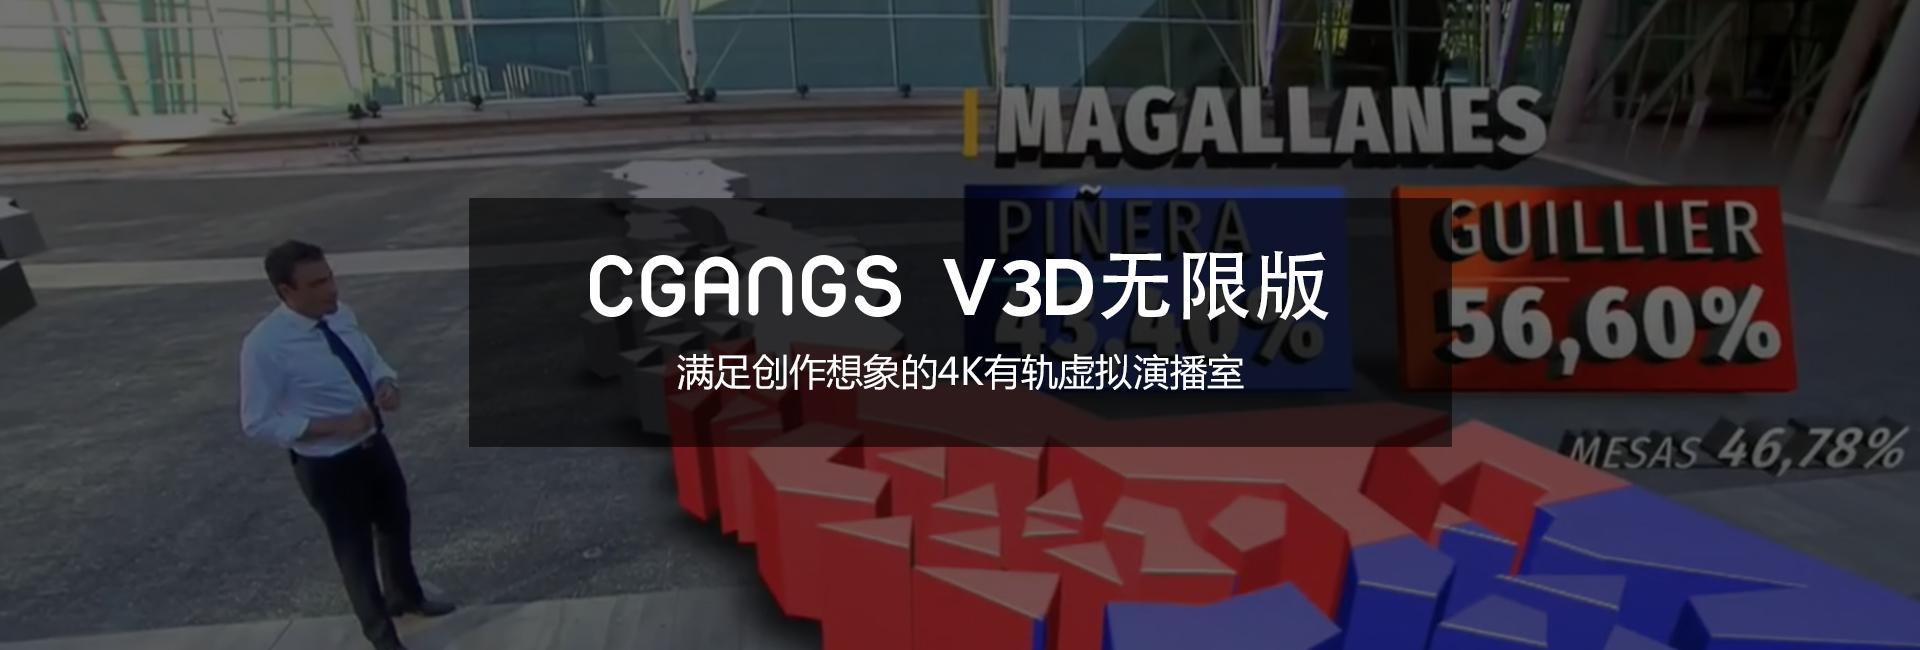 点我,了解更多关于Cgangs V3D无限版的内容